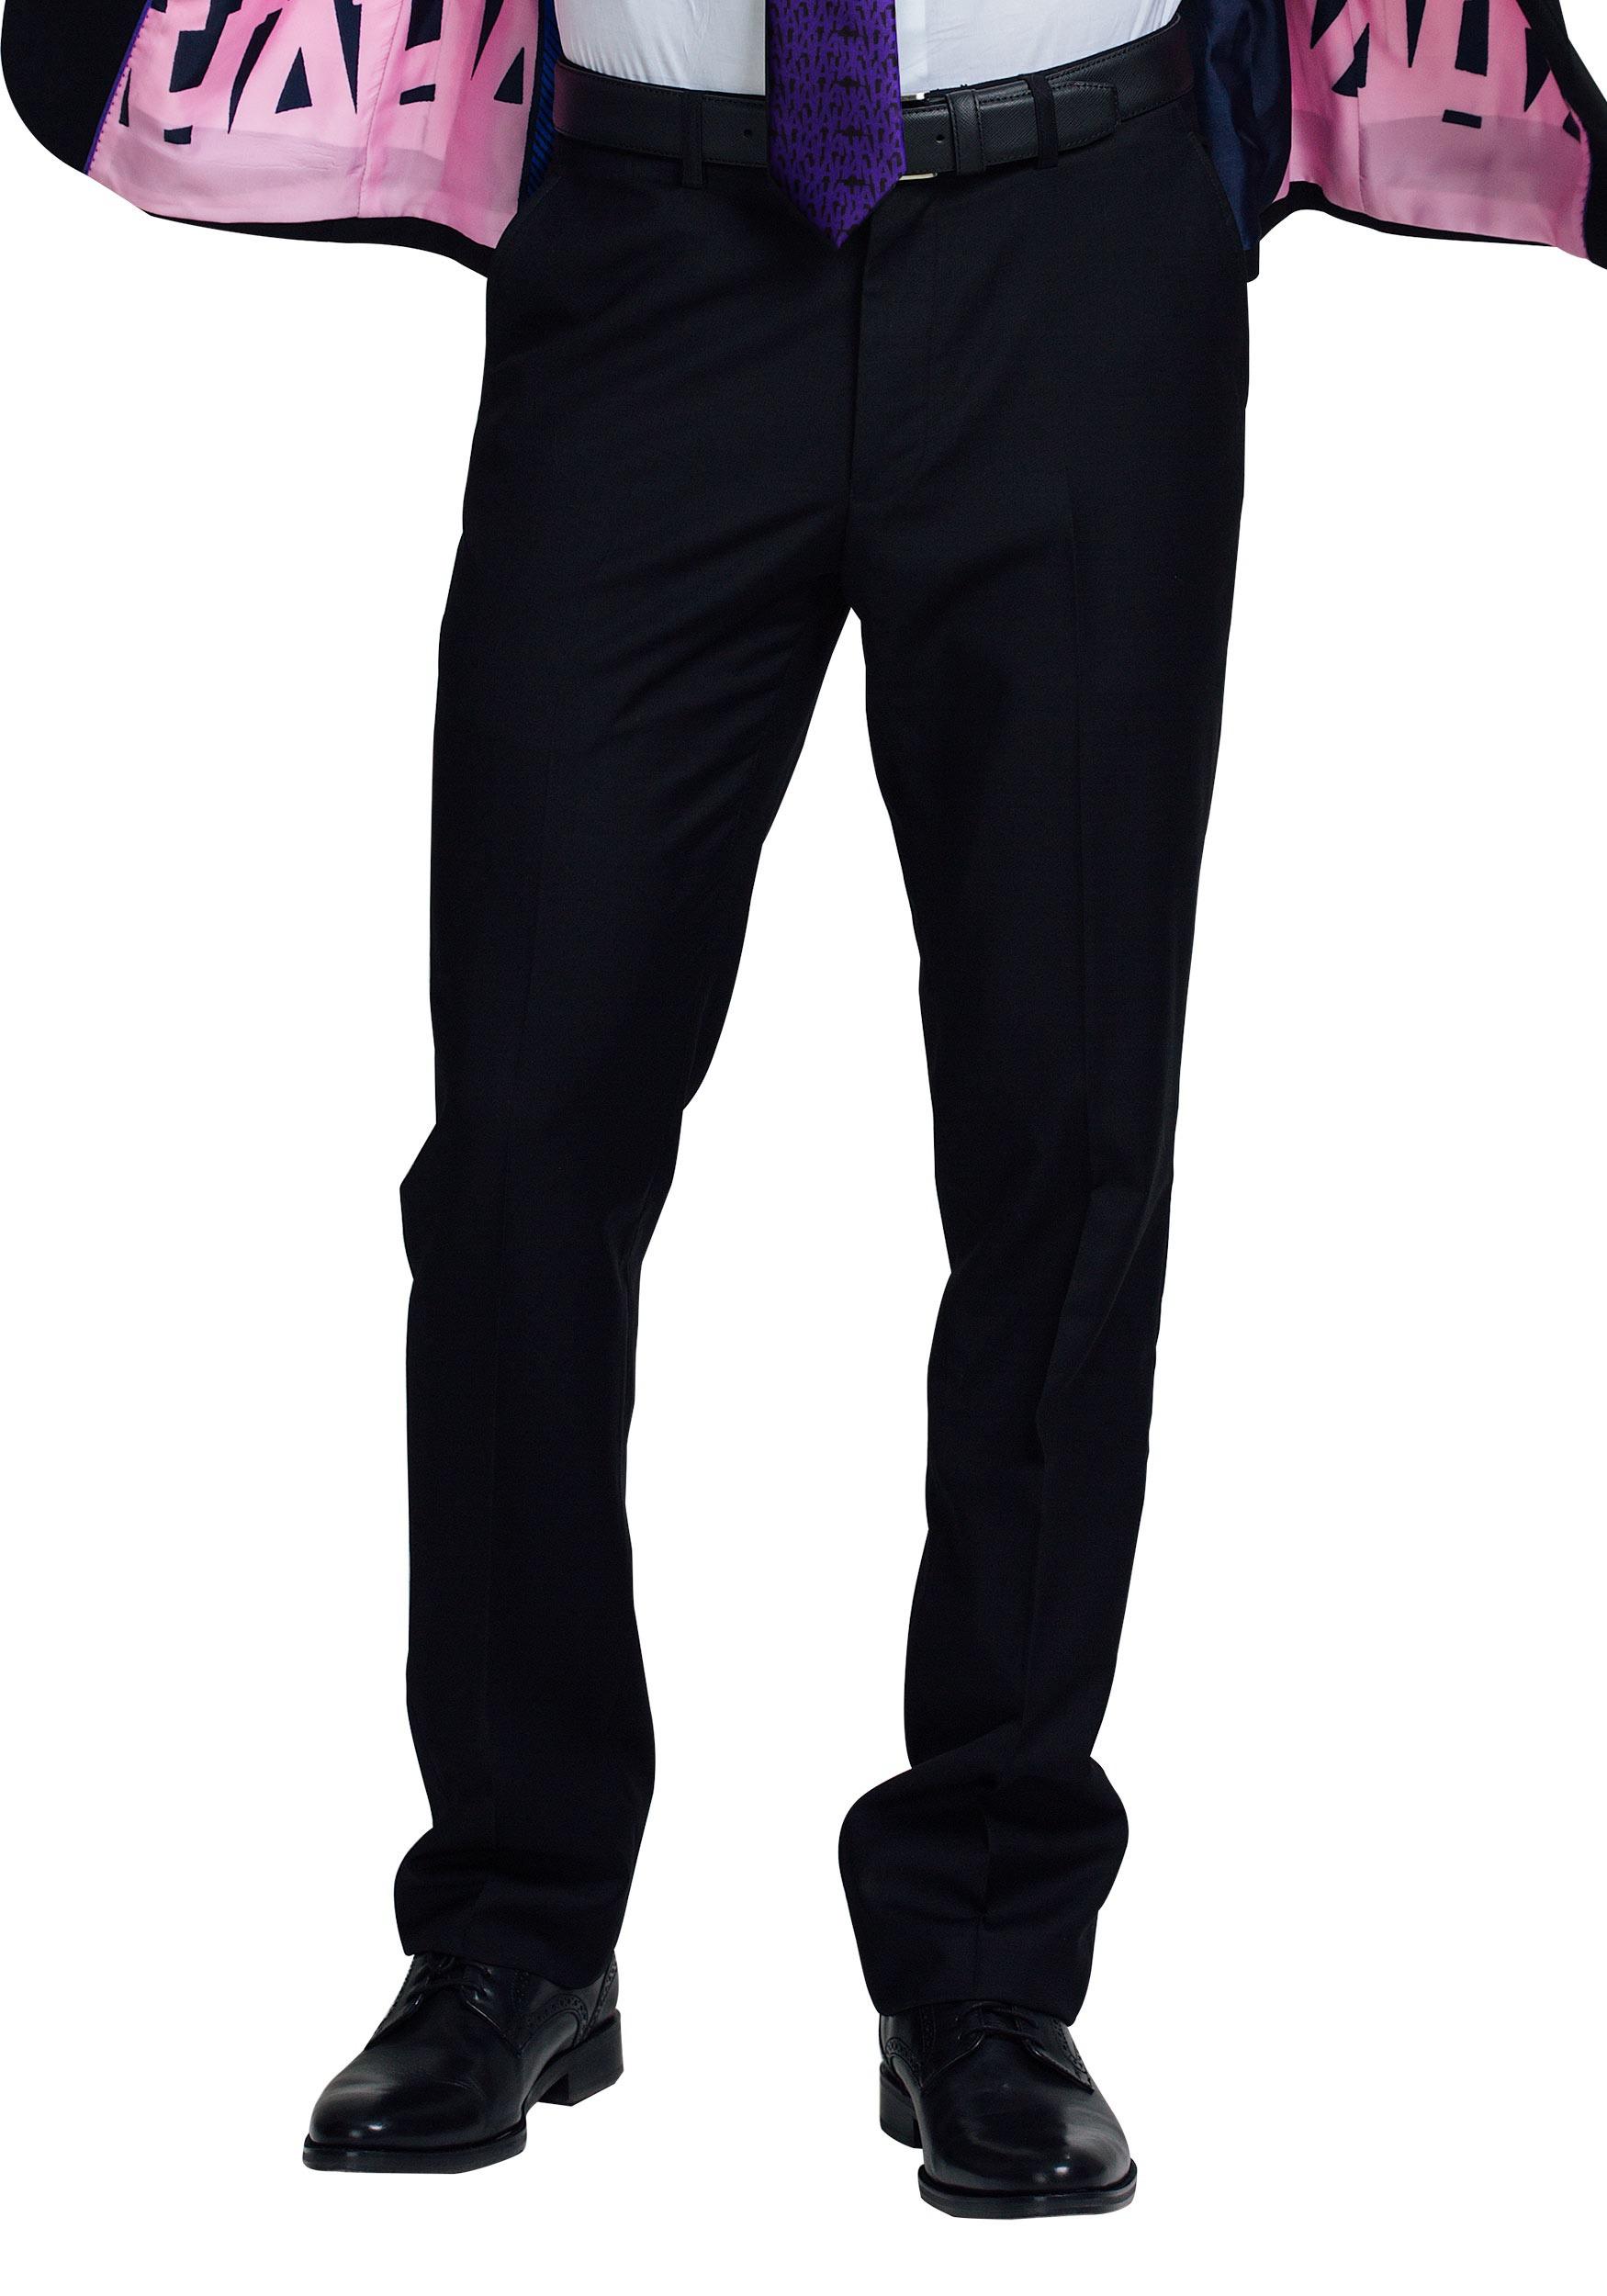 THE JOKER Slim Fit Suit Pants (Secret Identity)